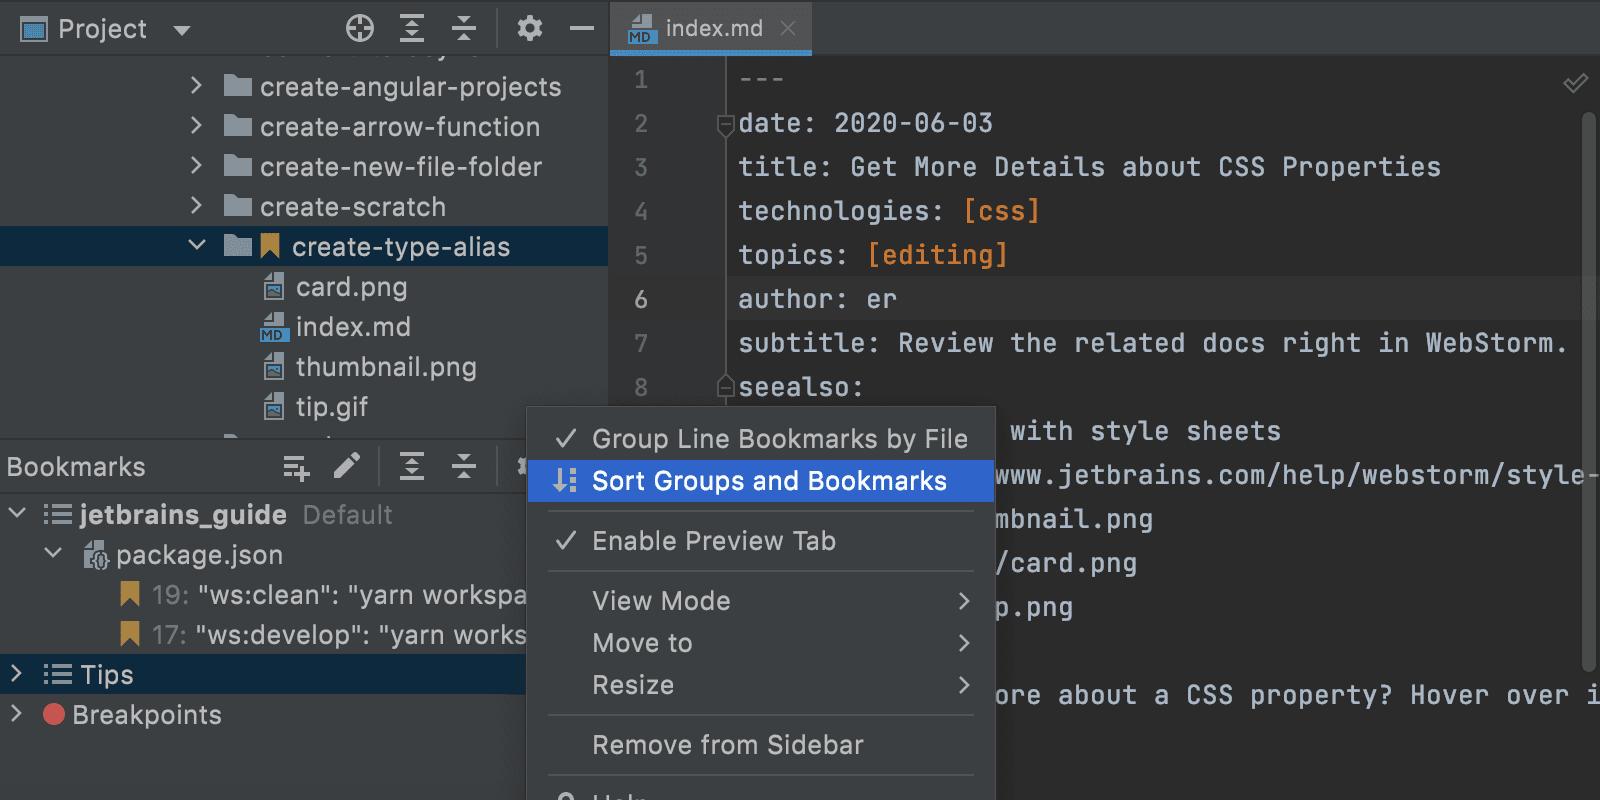 bookmark-tool-window-sorting-option-webstorm